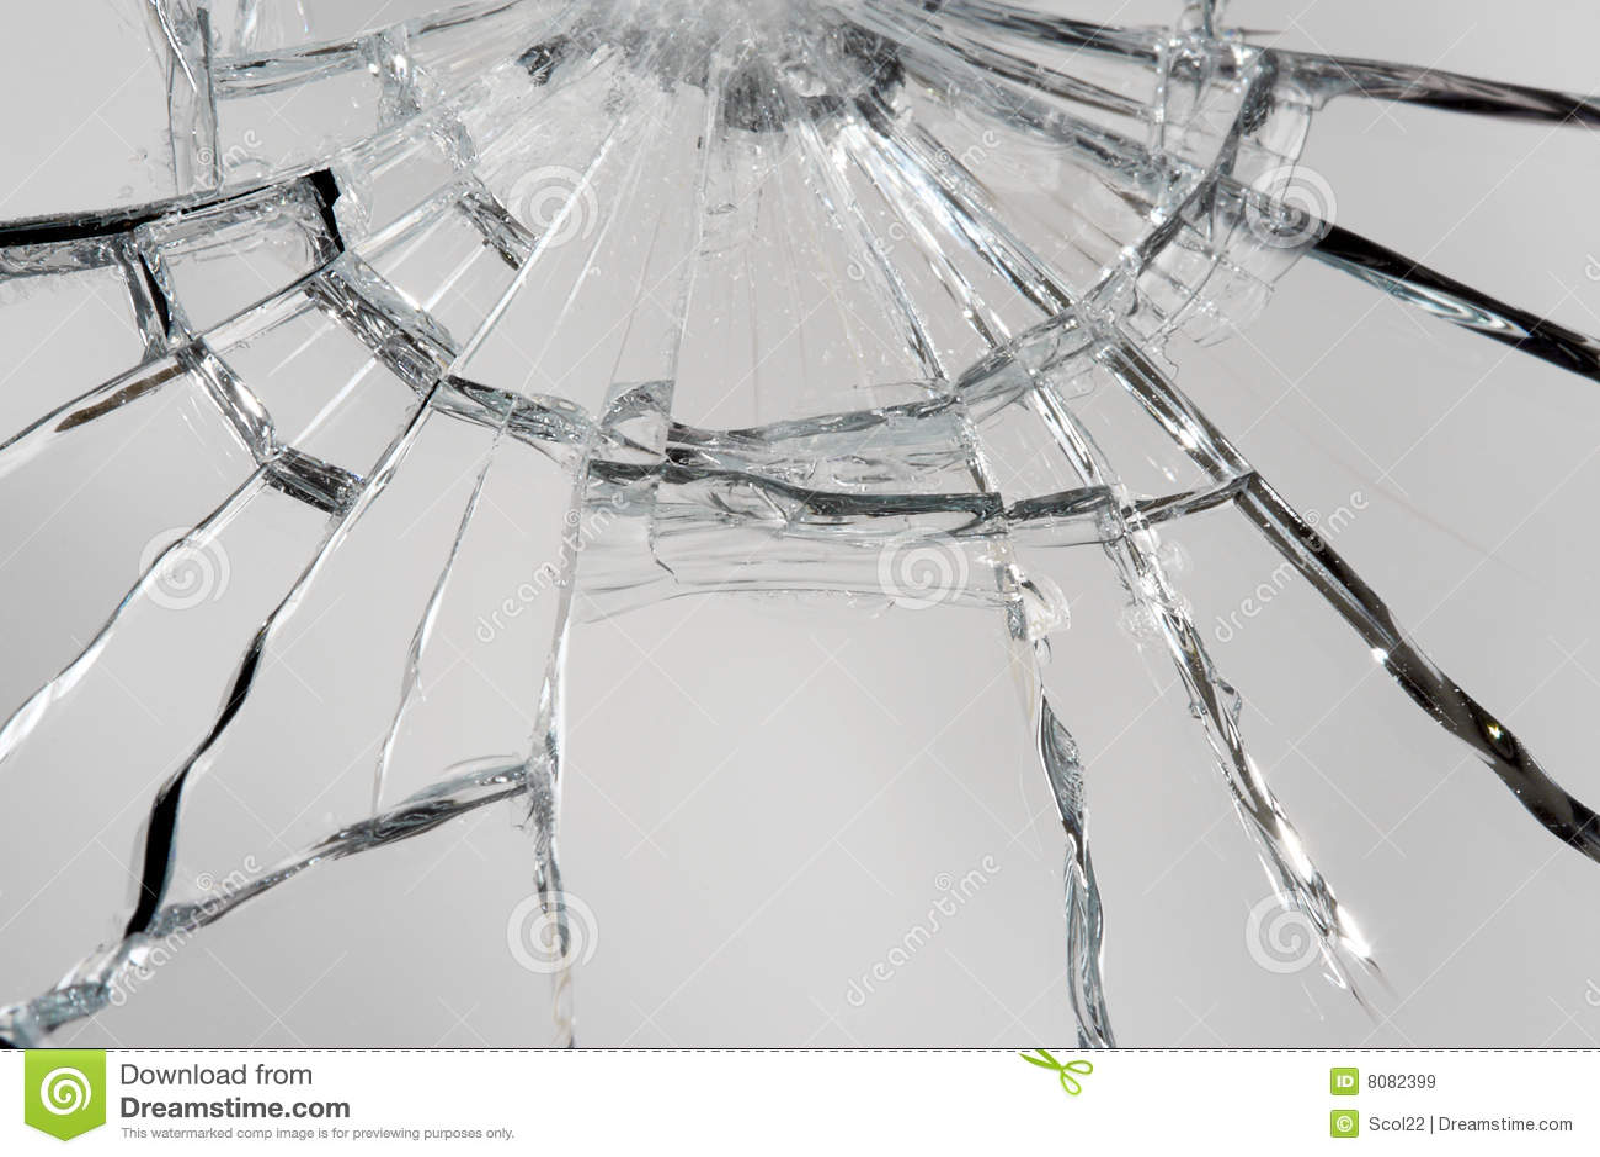 Specchio rotto immagine stock immagine di danni macro - Specchio rotto sfortuna ...